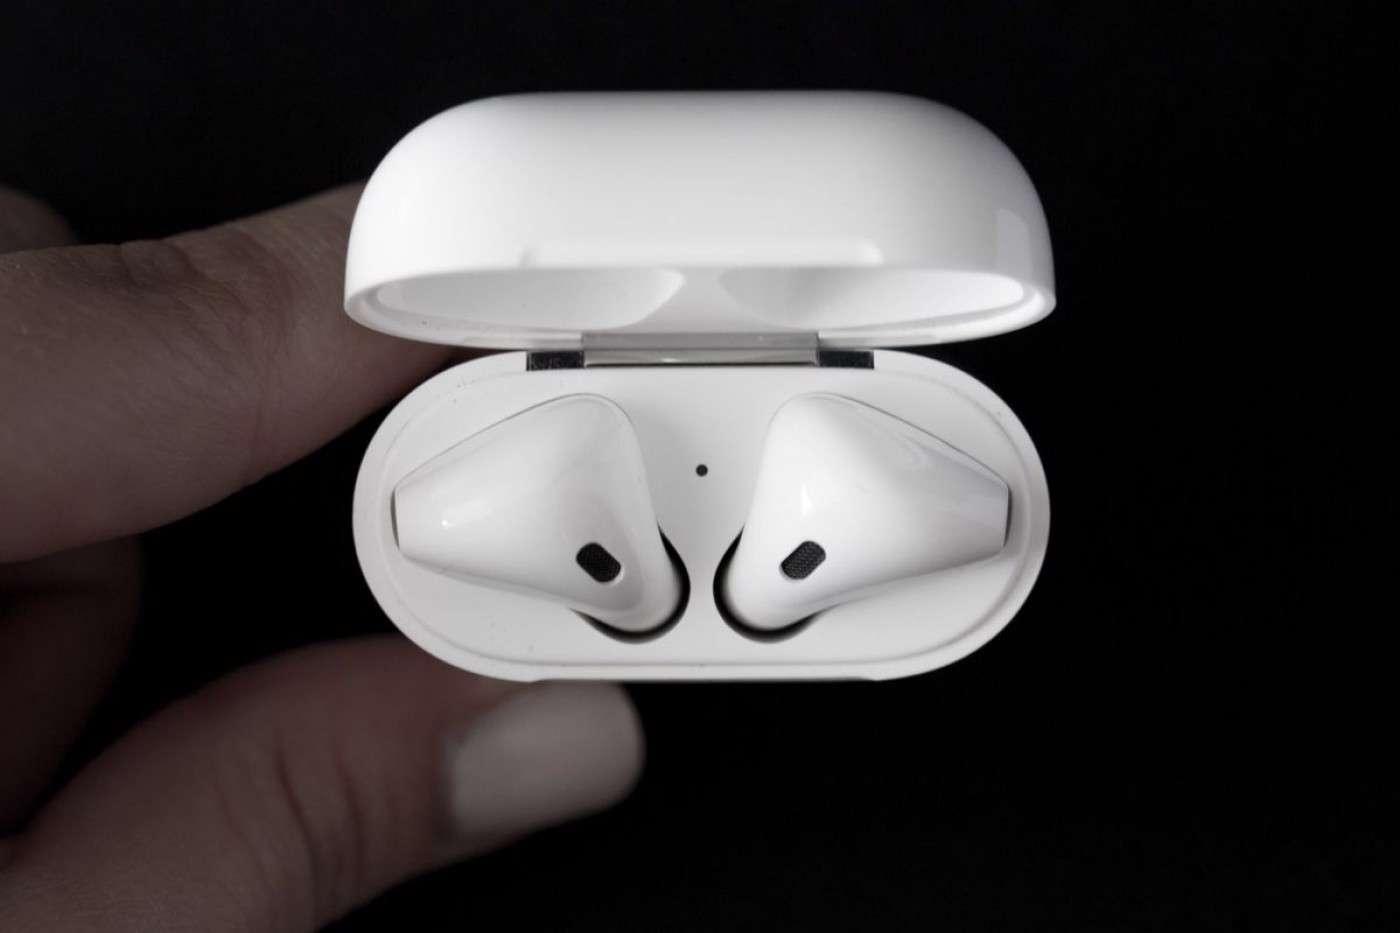 تبلیغ خلاقانه اپل برای ایرپاد